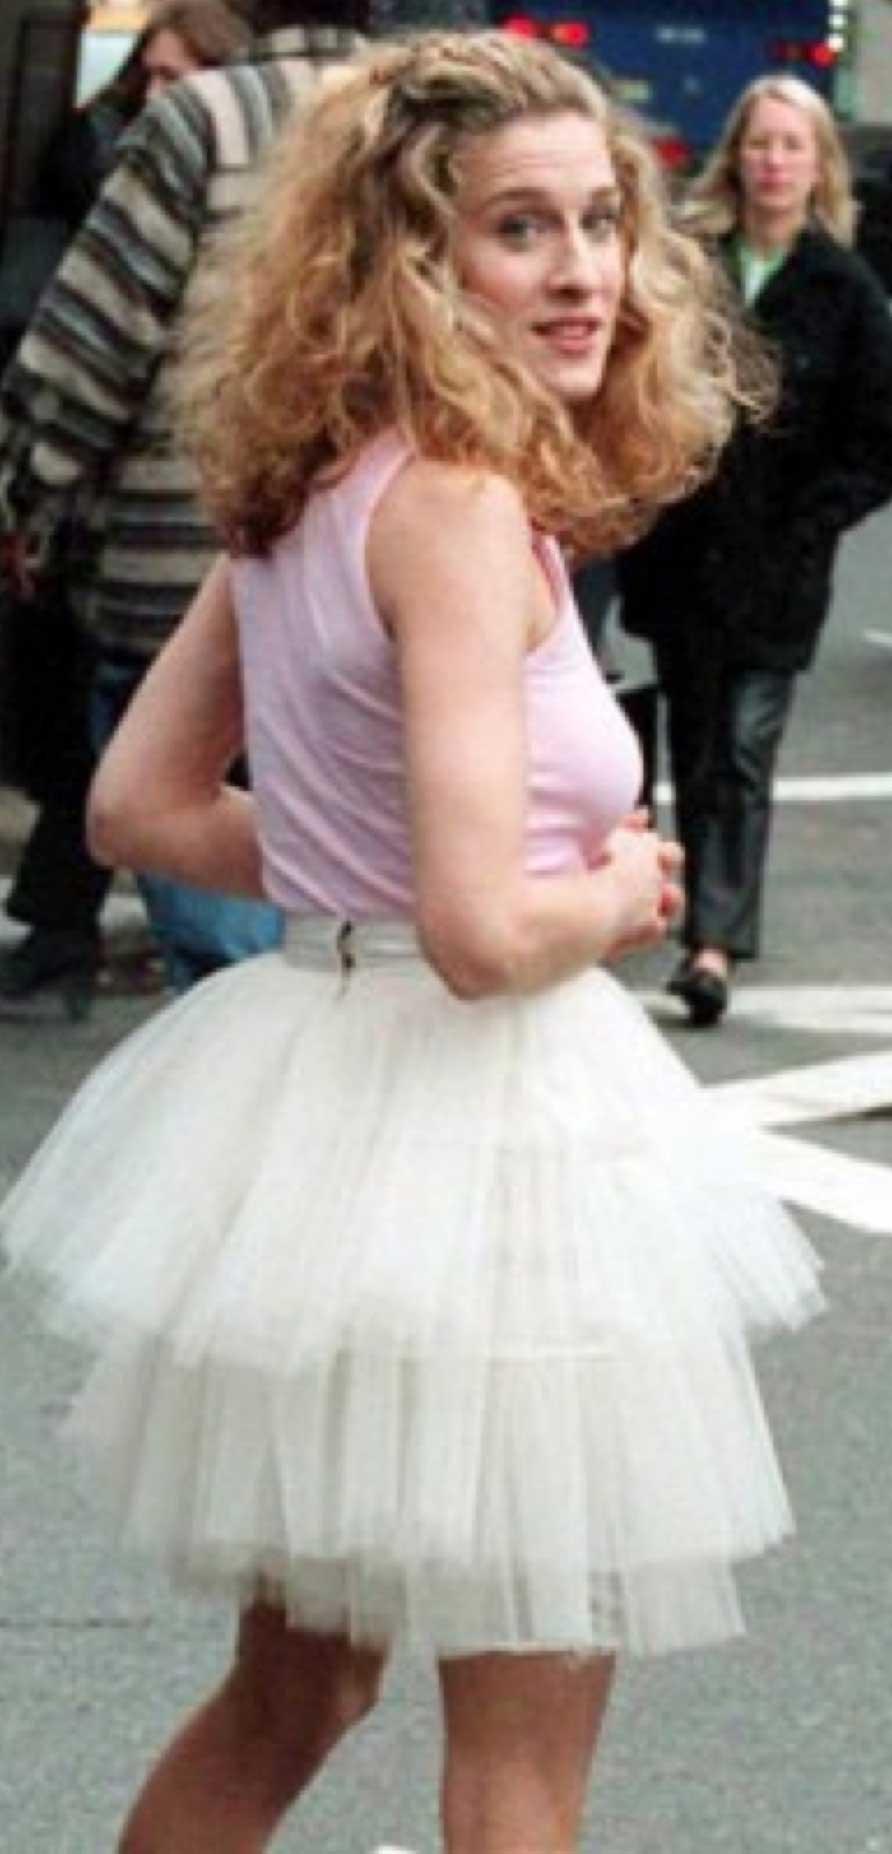 Seks w wielkim mieście kończy 20 lat! Przypominamy kultowe stylizacje Carrie Bradshaw